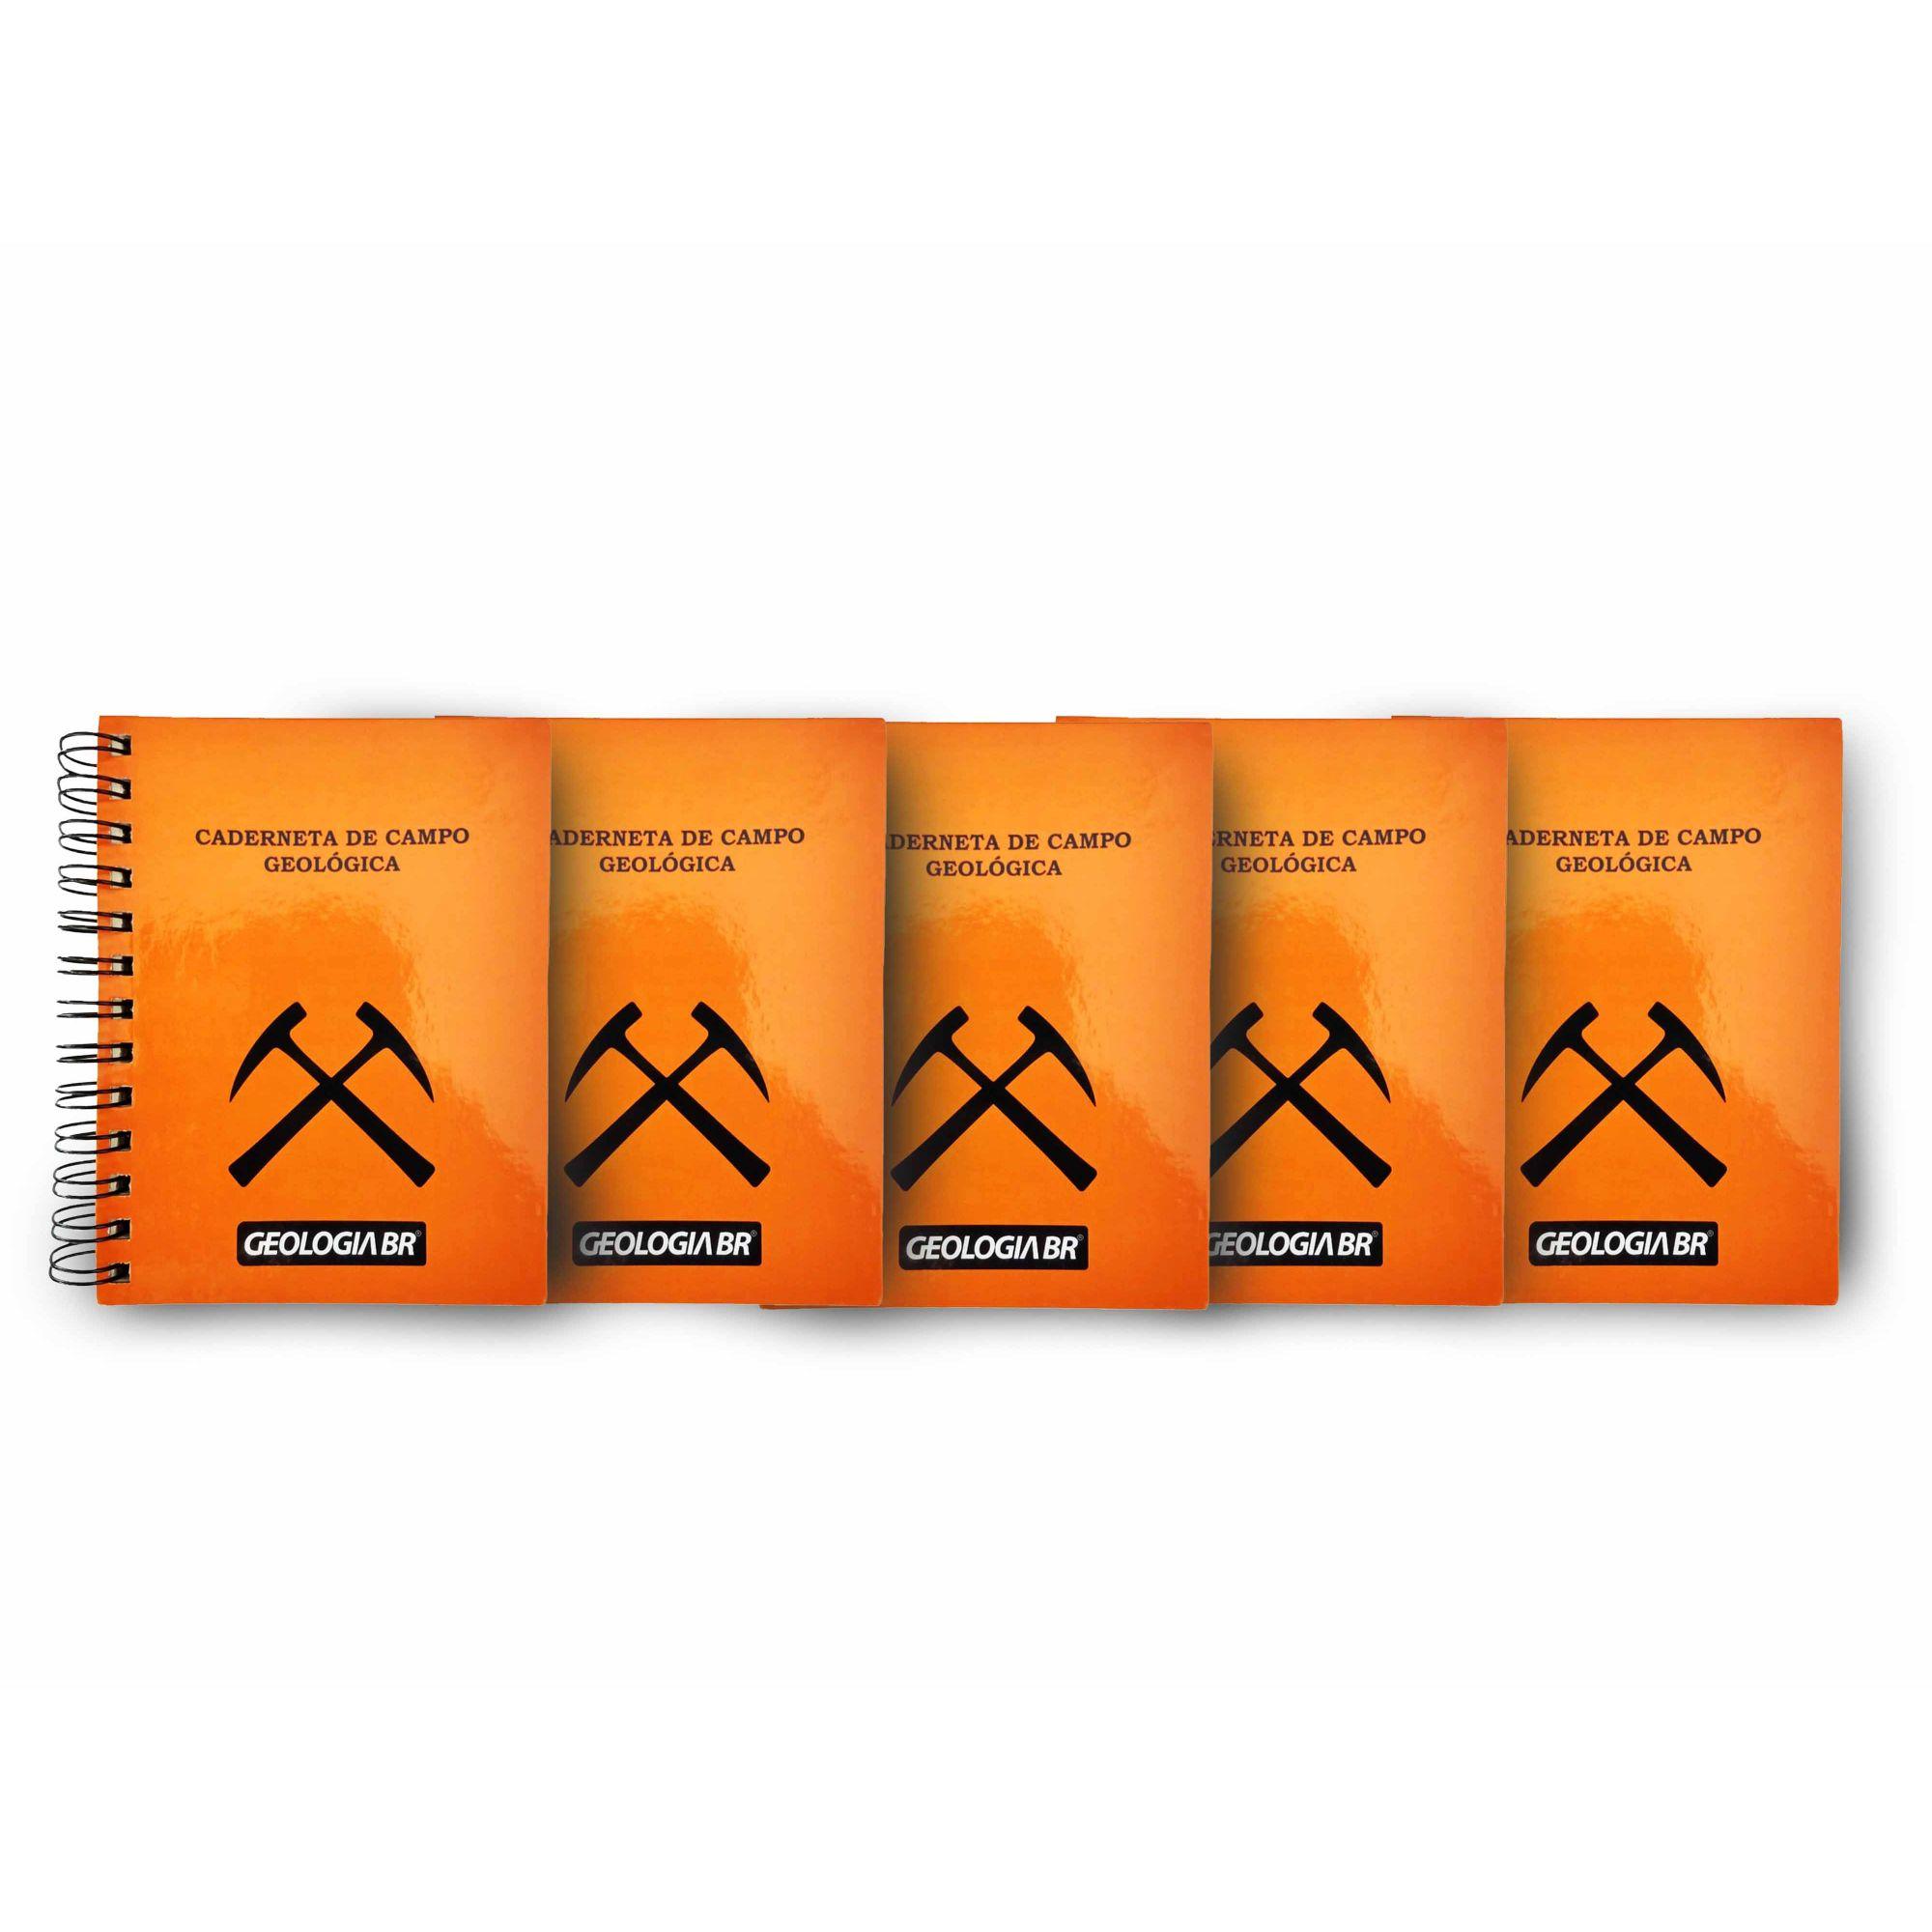 Kit com 5 Unidades - Caderneta de Campo - Geologia BR